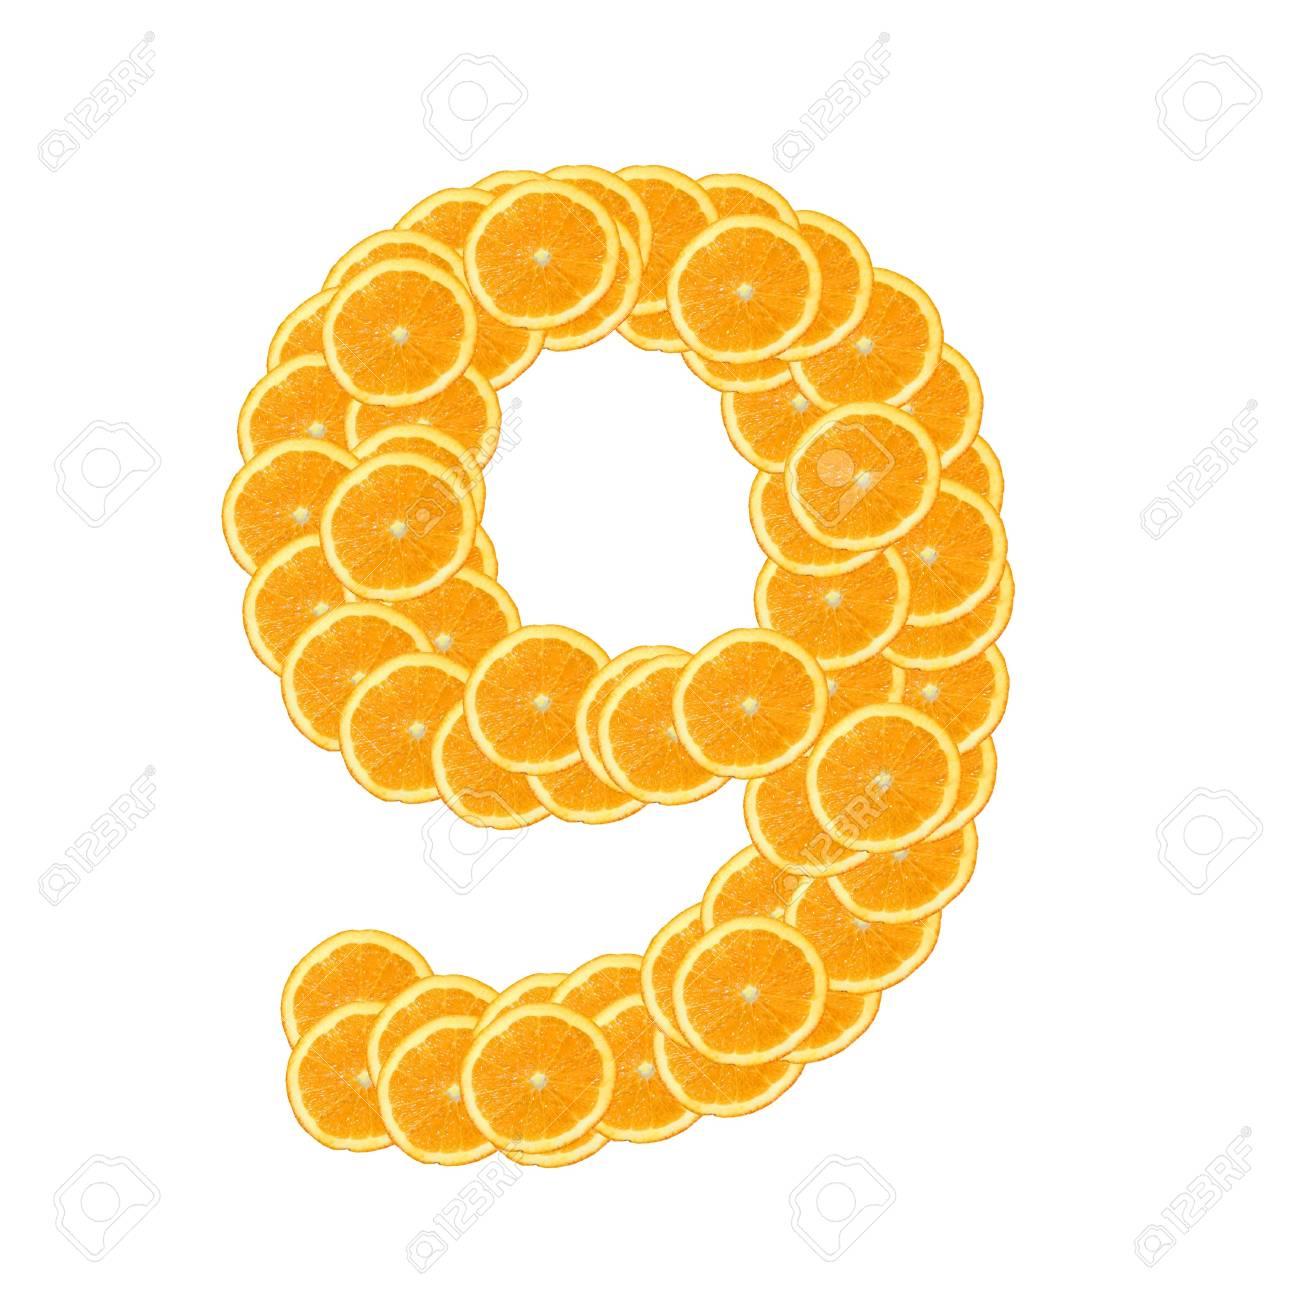 healthy orange fruit alphabet or font isolated on white background Stock Photo - 7092755